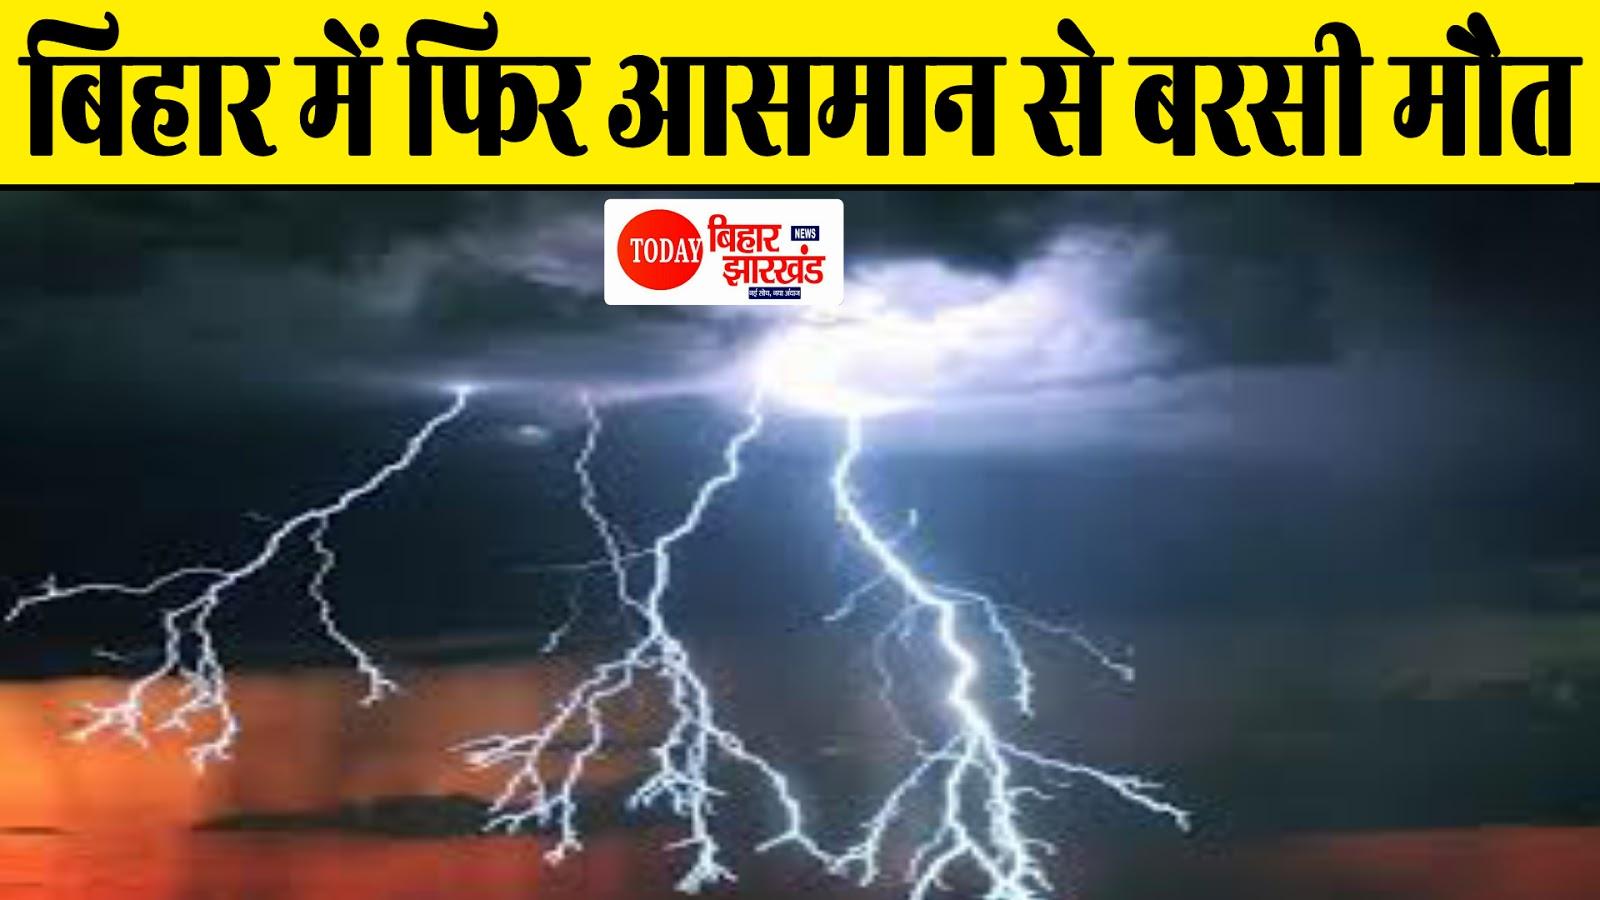 बिहार में फिर आसमान से बरसी मौत, आकाशीय बिजली गिरने से 11 लोगों की गई जान